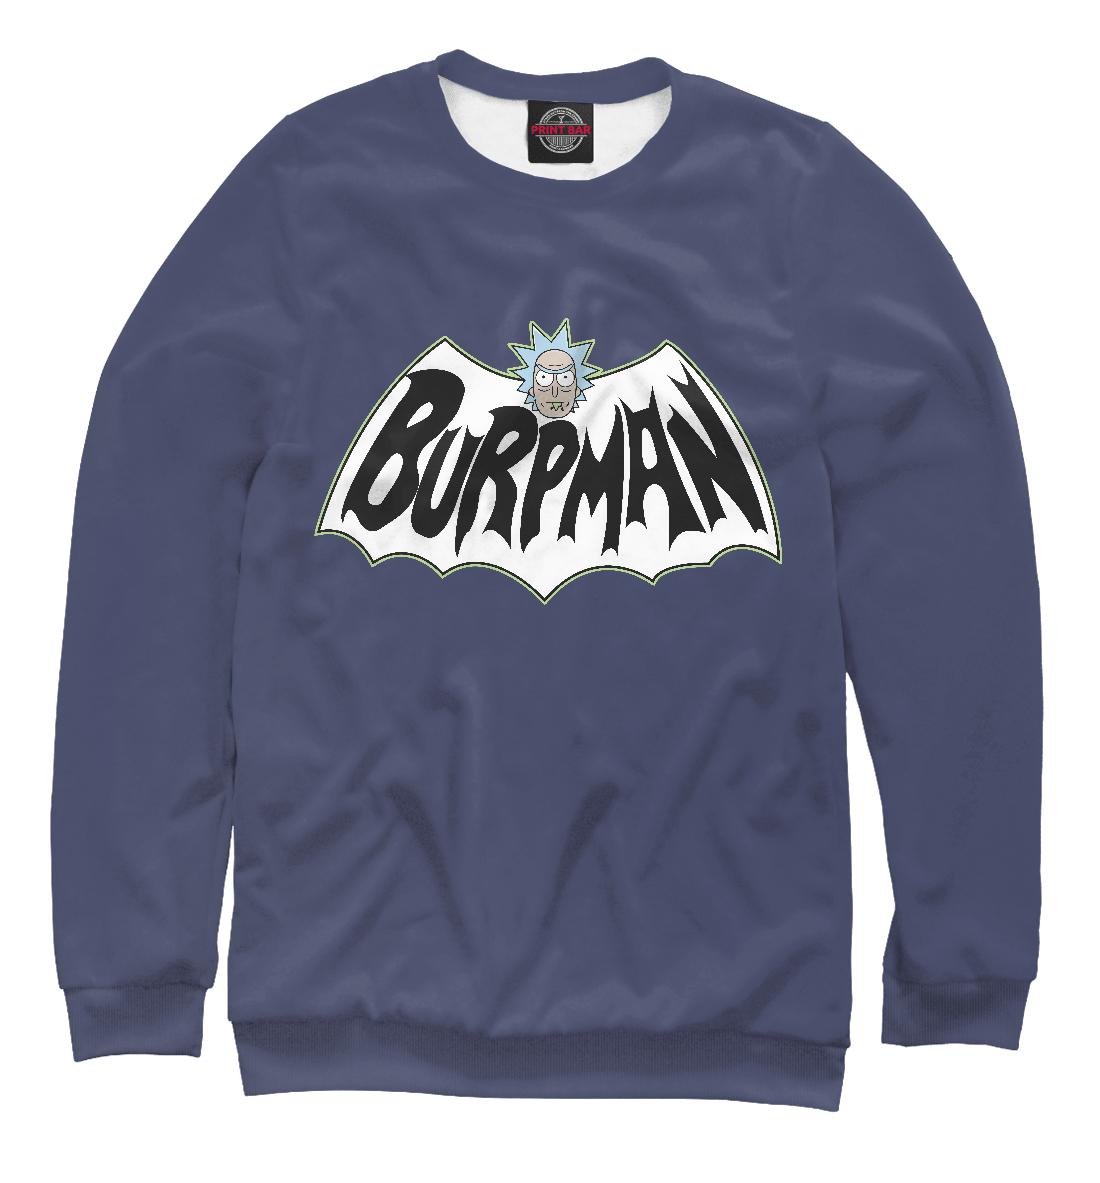 Купить Burpman, Printbar, Свитшоты, RNM-114410-swi-1